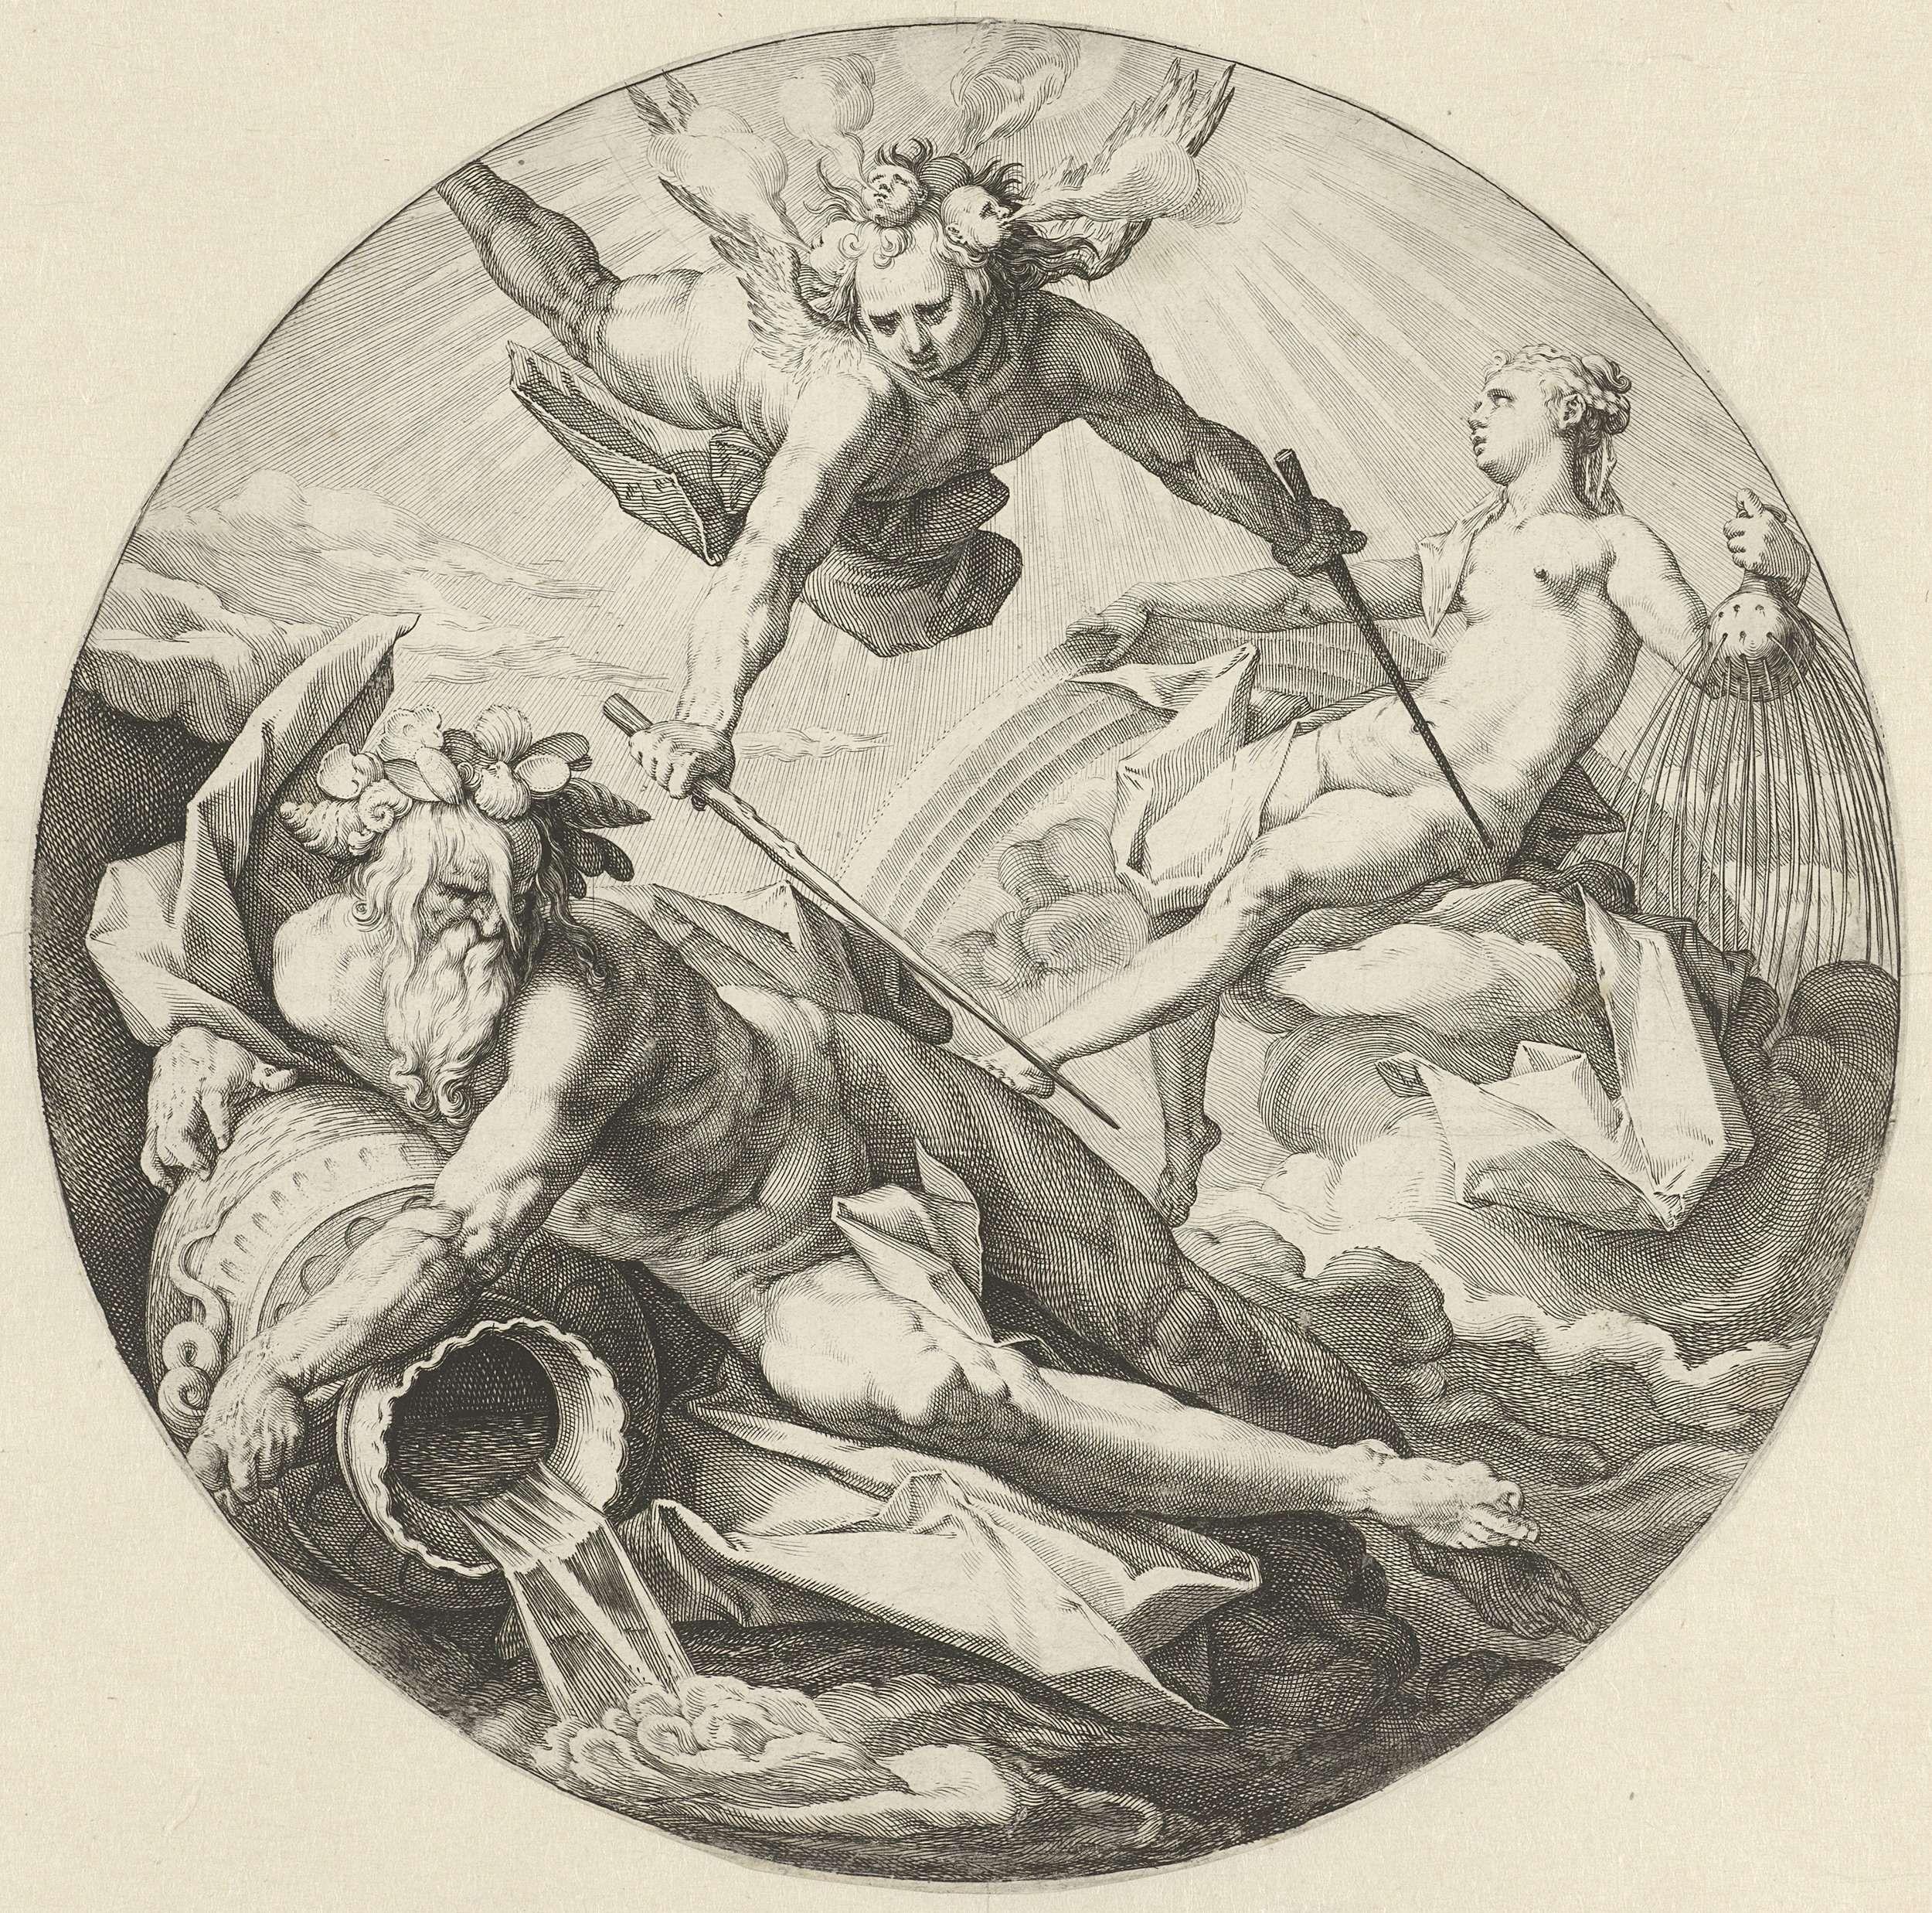 Jan Harmensz. Muller | Tweede scheppingsdag: scheiding tussen de wateren, Jan Harmensz. Muller, Hendrick Goltzius, 1589 | De tweede scheppingsdag: een engel, op zijn hoofd de vier winden, scheidt het hemelwater van het water van de aarde. Het hemelwater wordt gepersonifieerd door een vrouw met een karaf in haar hand, waaruit water stroomt. In haar andere hand de regenboog. Het water van de aarde wordt gepersonifieerd door een stroomgod, met een kruik waaruit water stroomt. Op zijn hoofd…